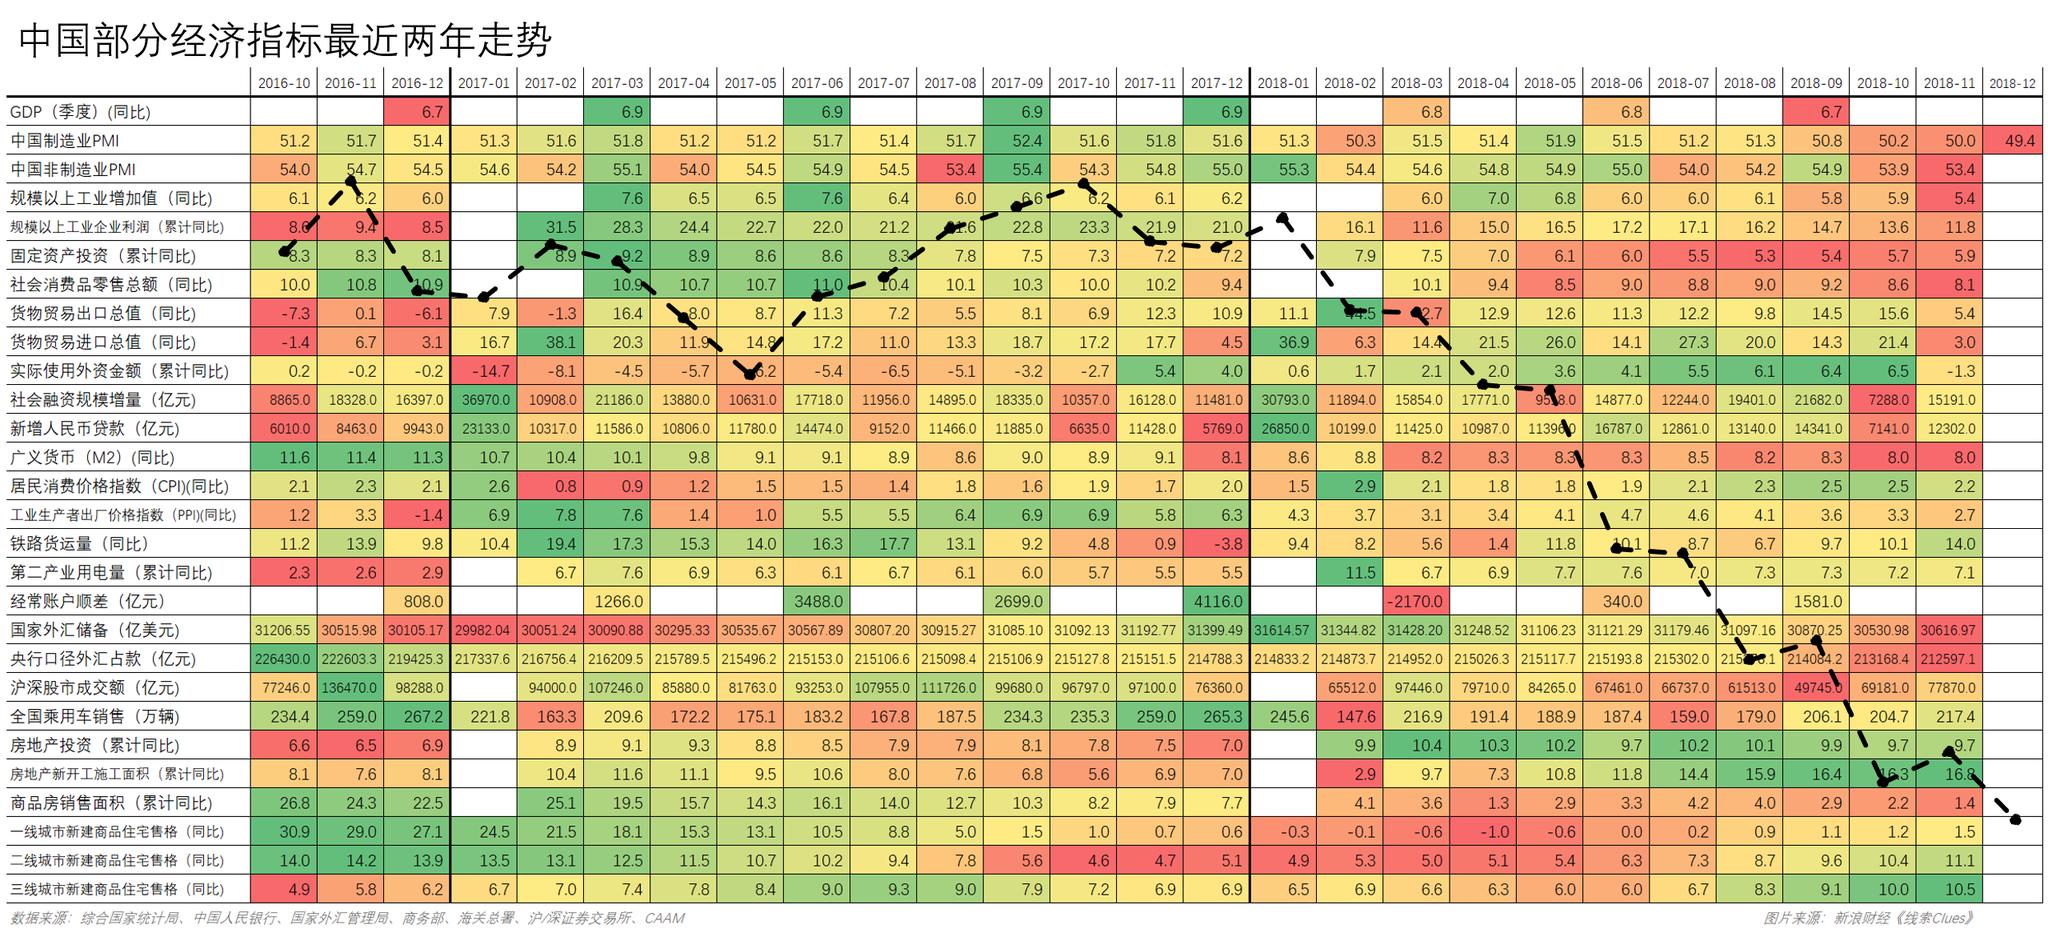 中国部分经济指标最近两年数据,叠加基于各月末点位的中证全指(000985)走势(图片来源:新浪财经《线索Clues》)